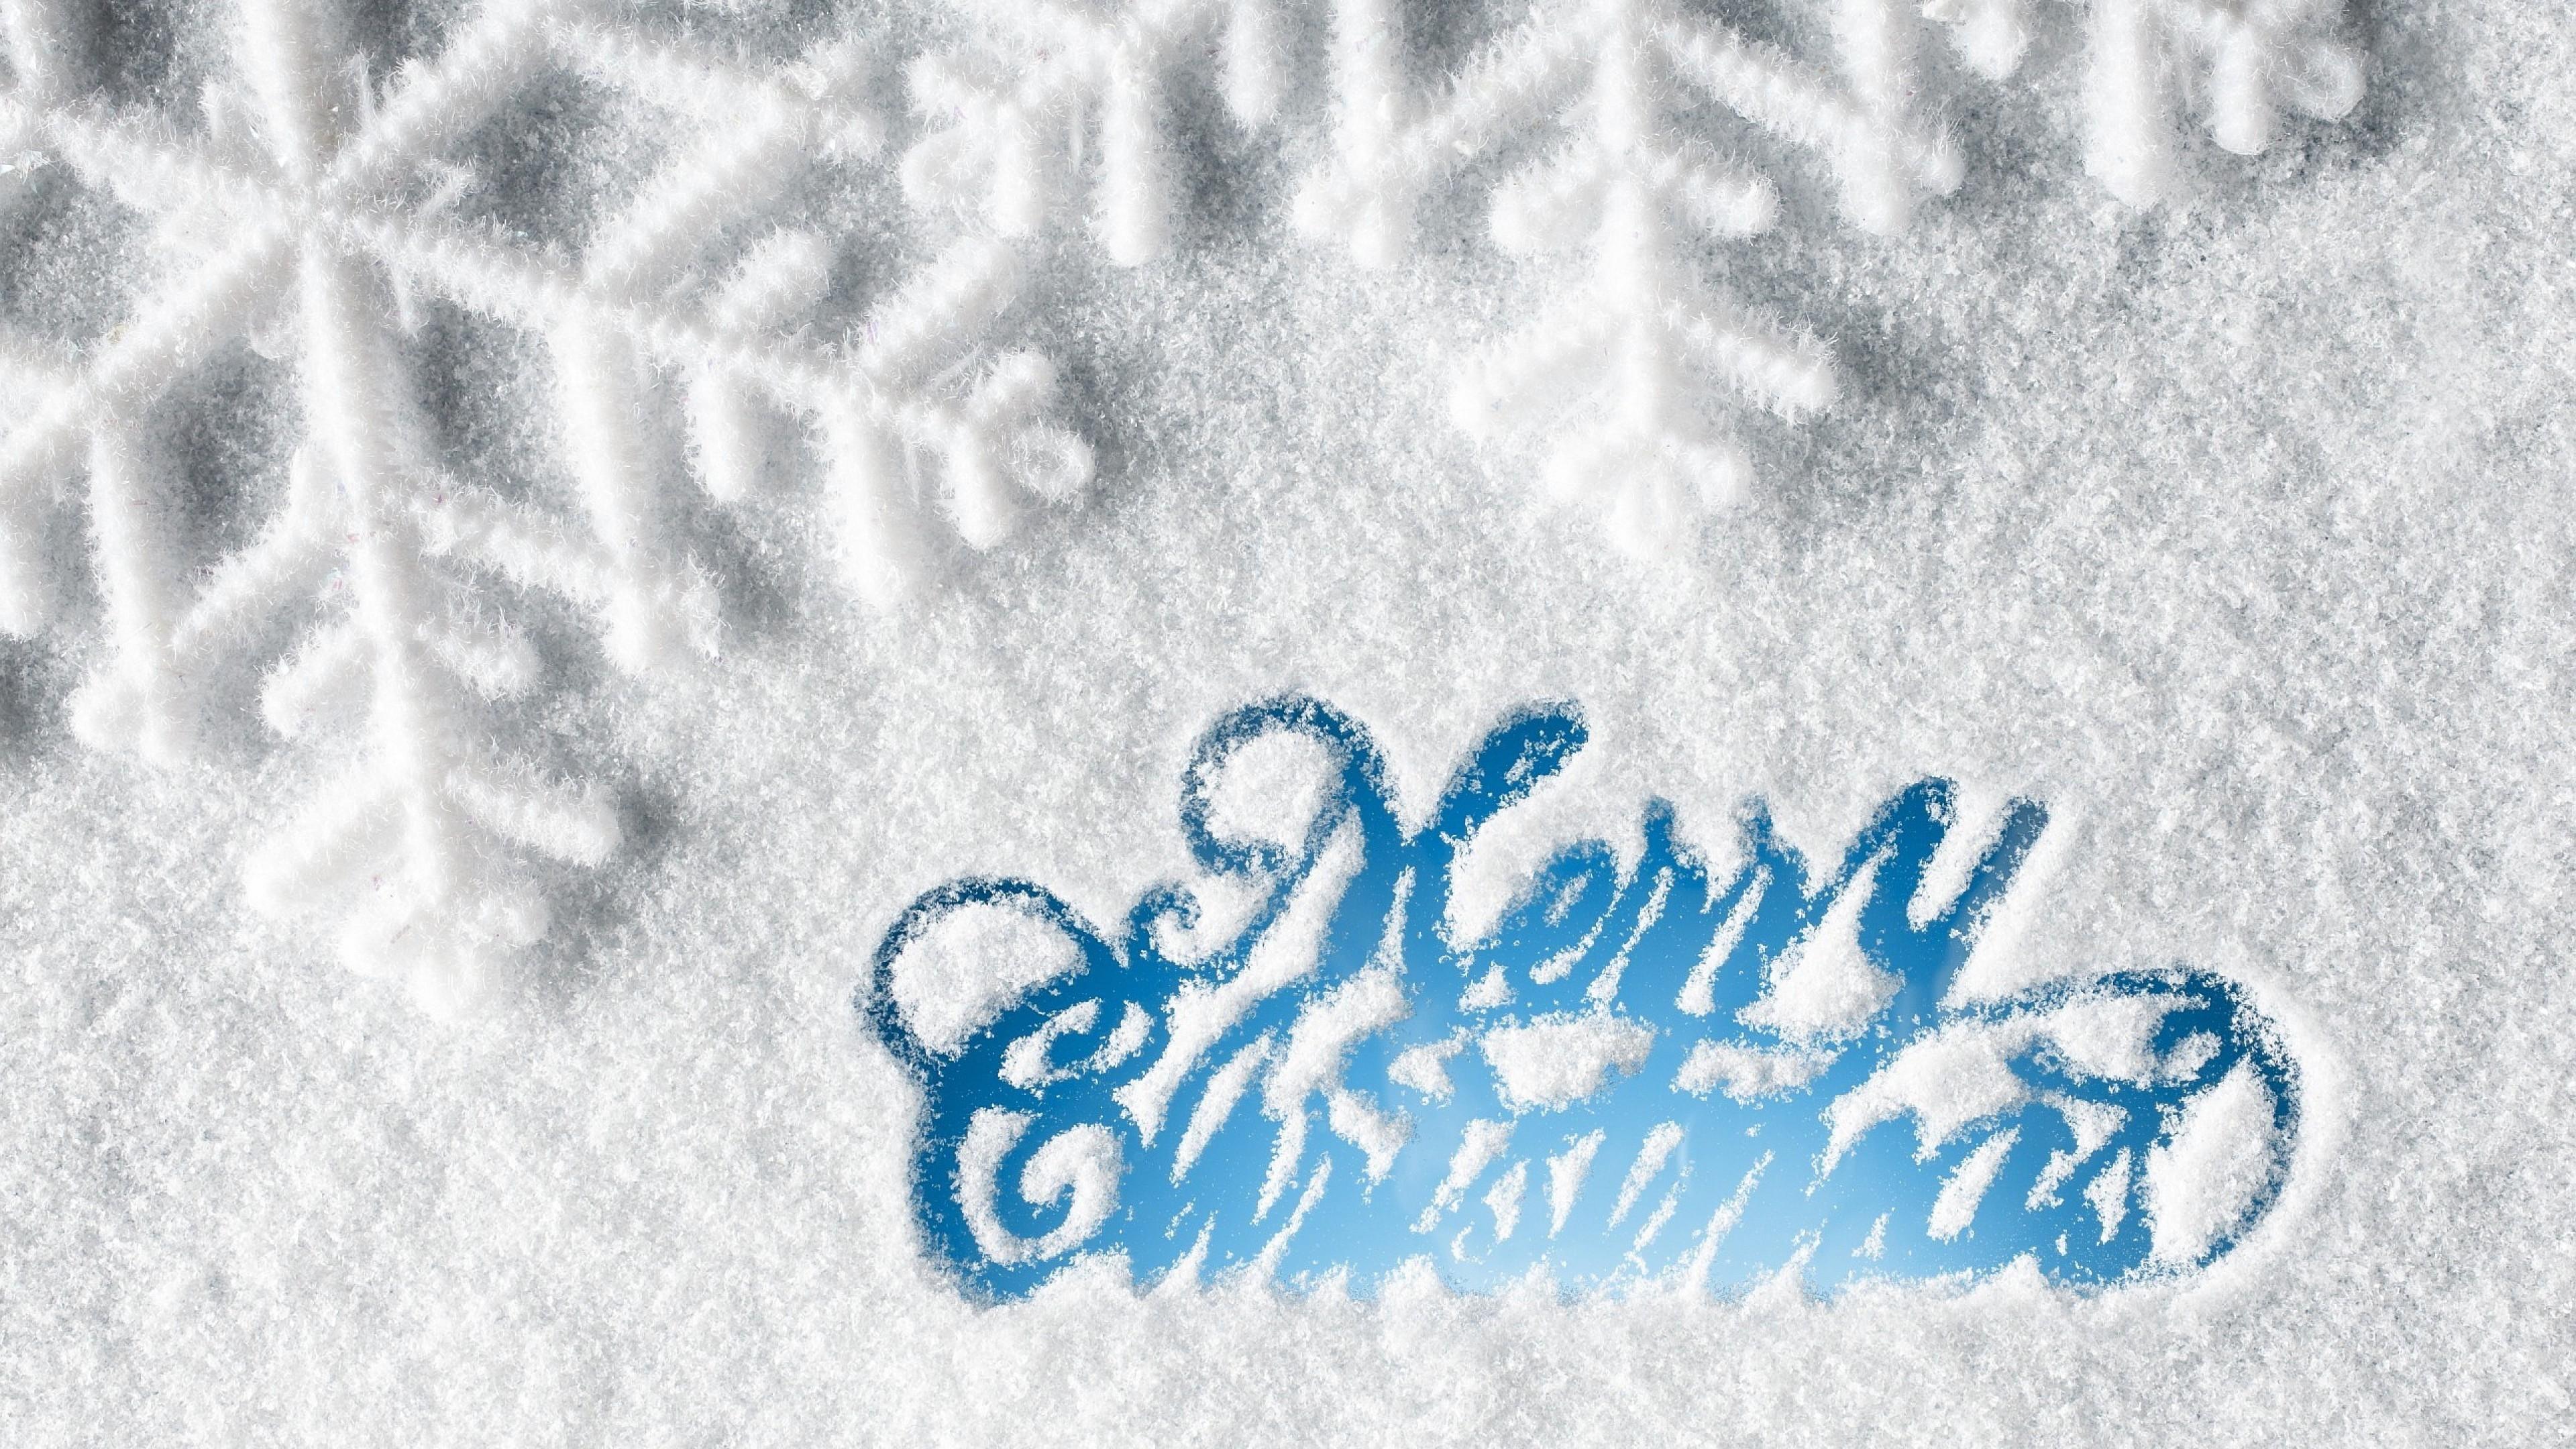 Ultra Hd Merry Christmas Wallpaper 4k   3840x2160 Wallpaper 3840x2160